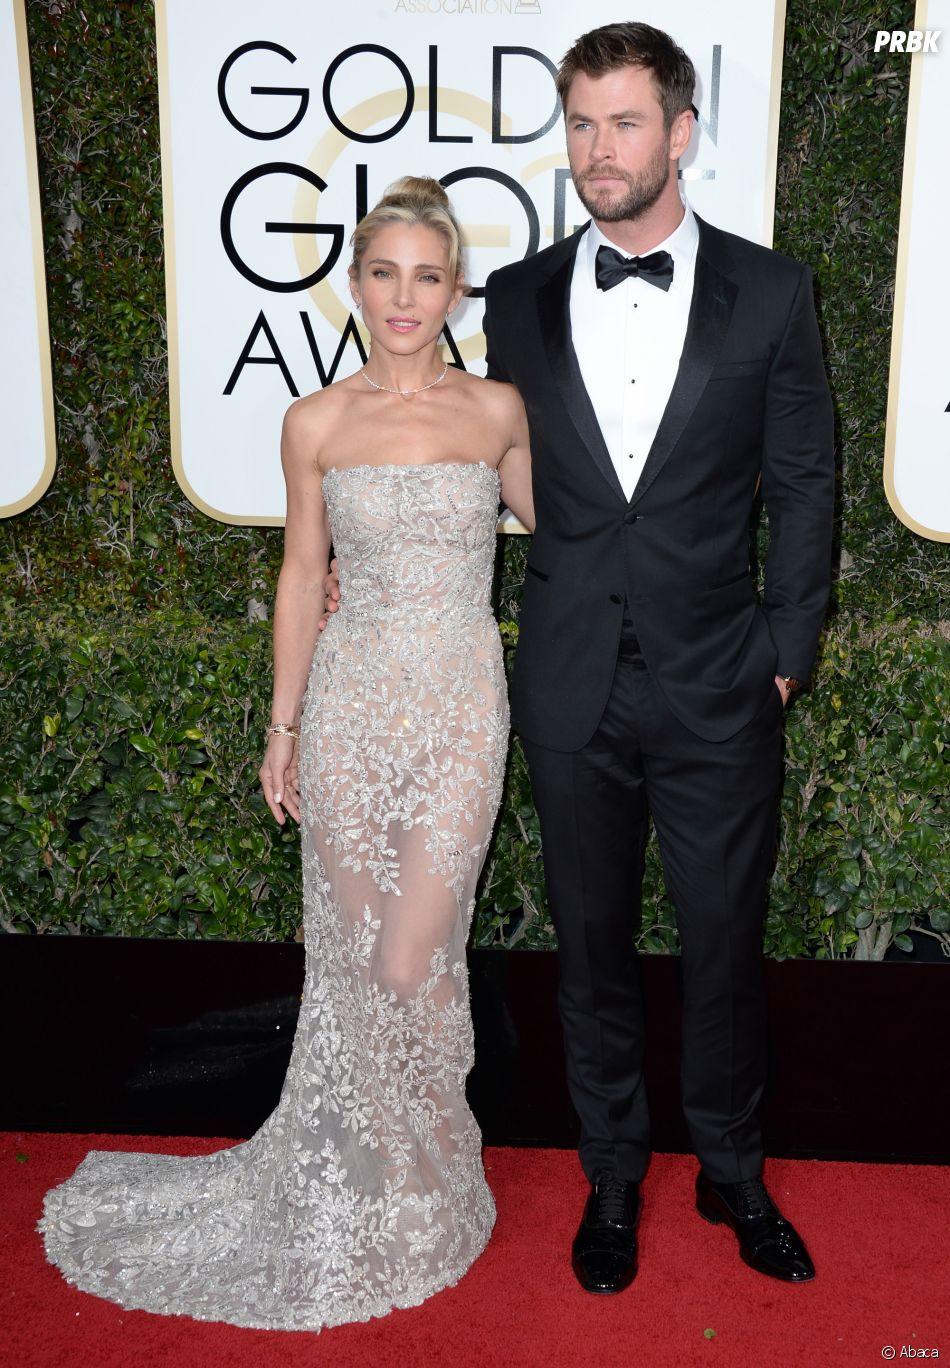 Chris Hemsworth et Elsa Pataky sur le tapis-rouge des Golden Globes 2017 le 8 janvier à Los Angeles